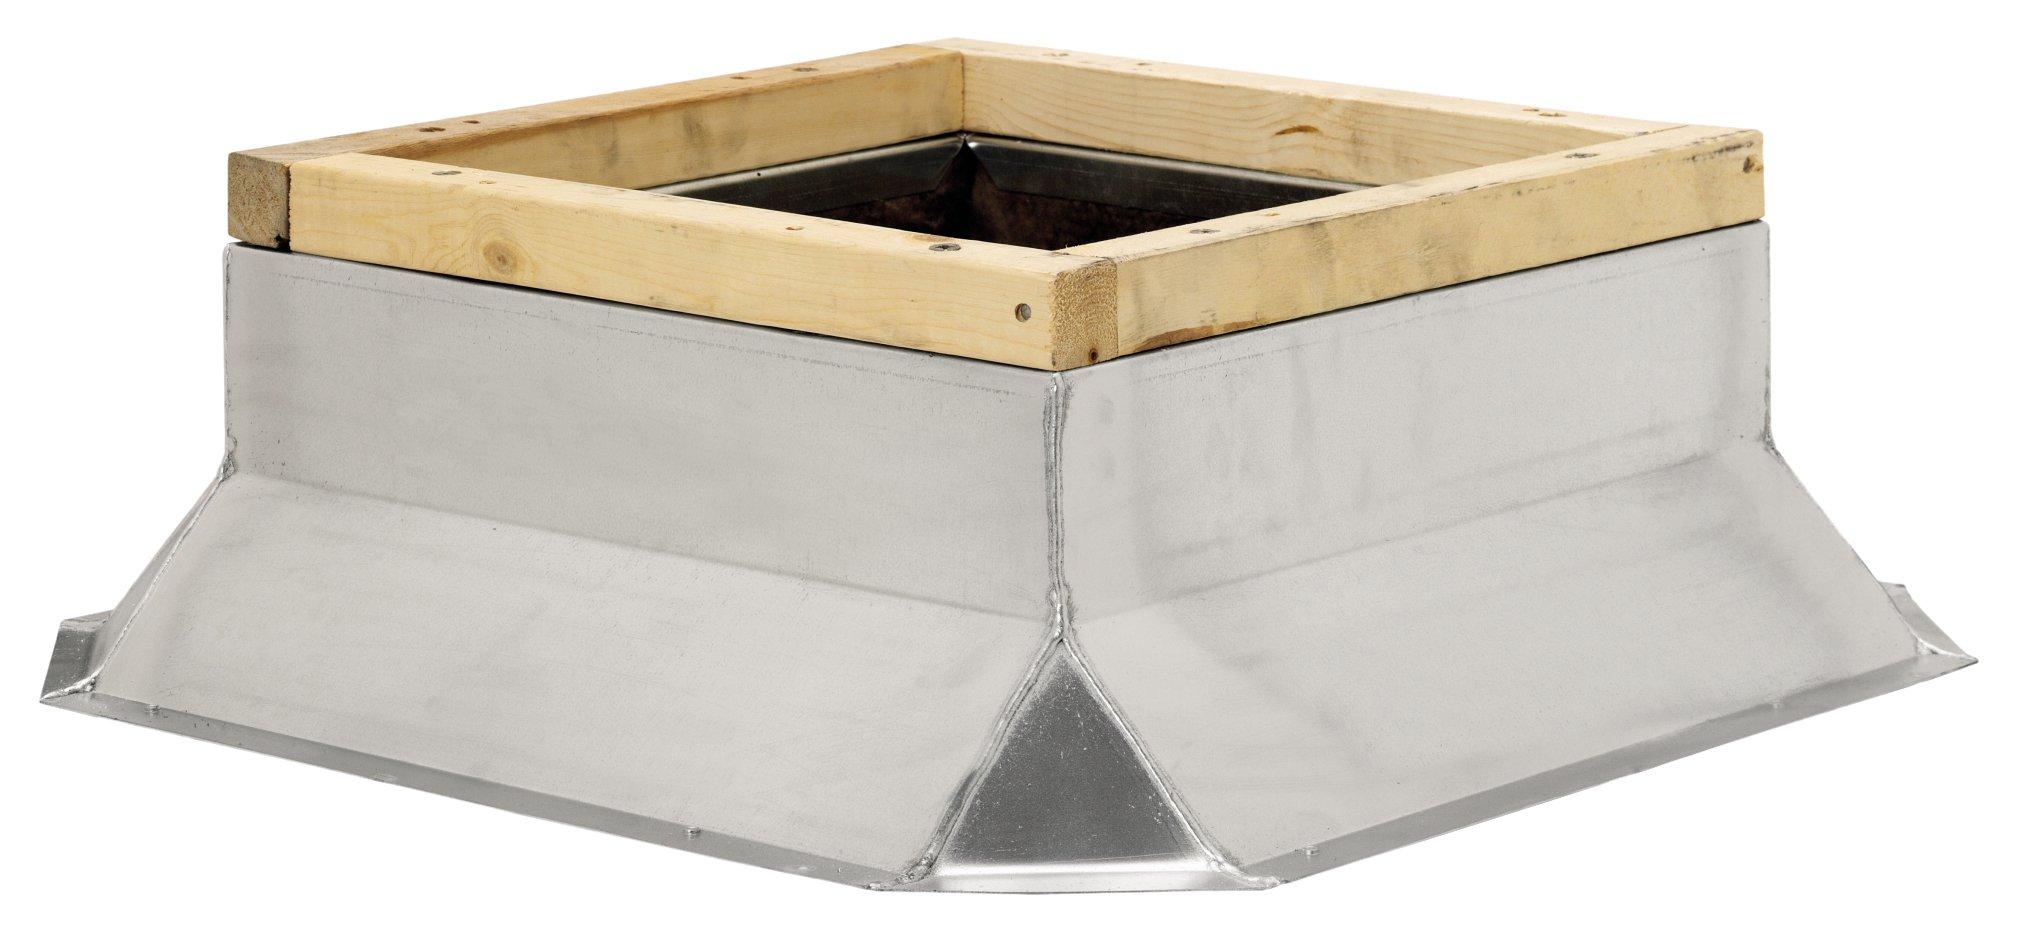 Fantech 5ACC28FS Flat Roof Curb, 28-1/2'' Square x 8'' H by Fantech (Image #2)